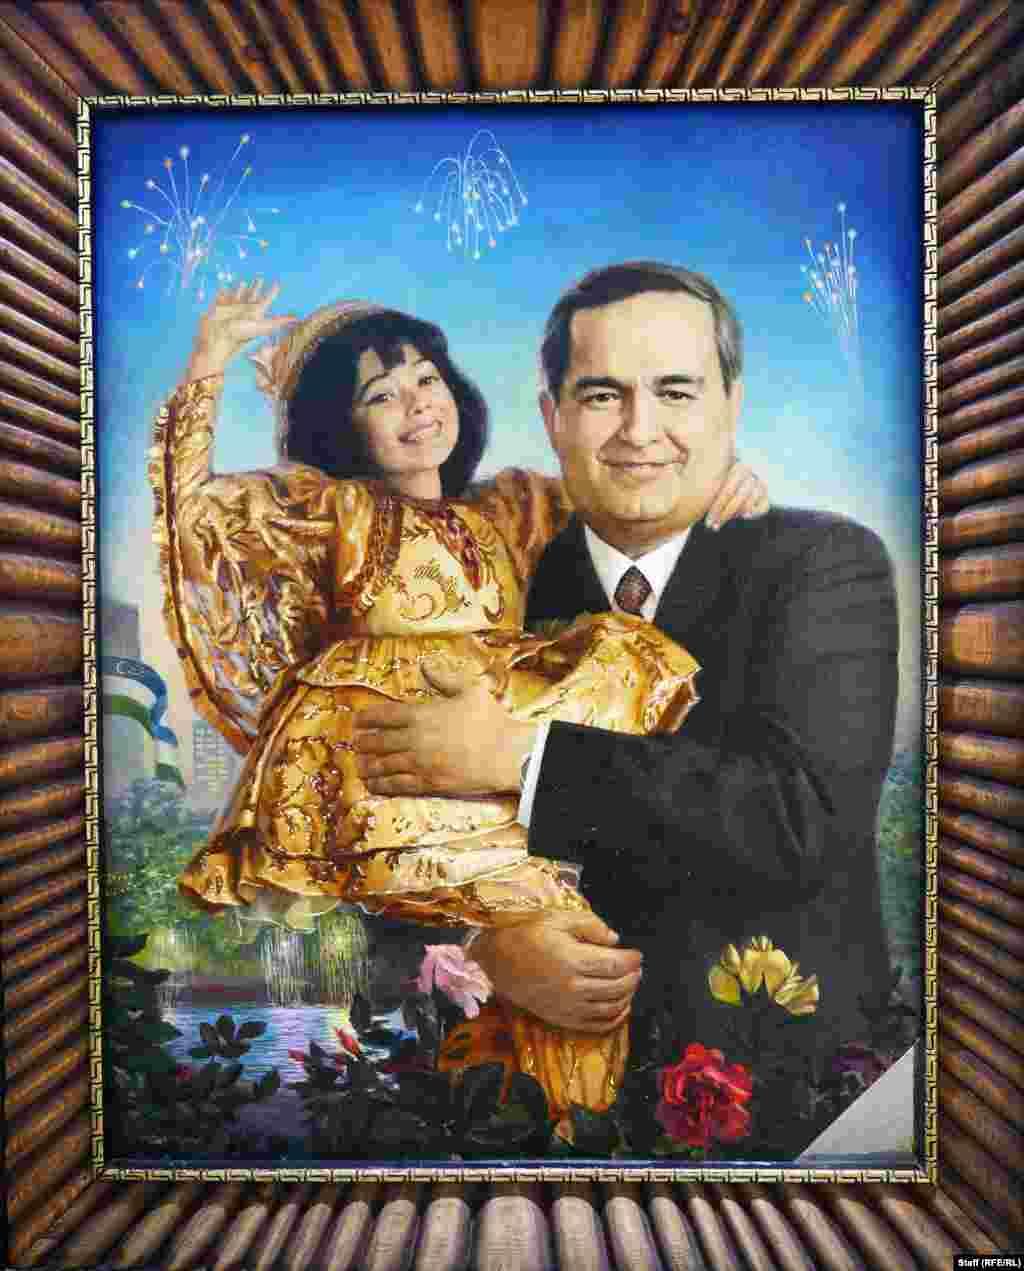 Картина 1993 года. На ней Каримов изображен держащим на руках девочку, а за его спиной взрываются фейерверки. Самым кровопролитным инцидентом за время правления Каримова стало вооруженное подавление узбекскими силовиками антиправительственных выступлений в Андижане на востоке страны. Во время тех событий погибли сотни людей.